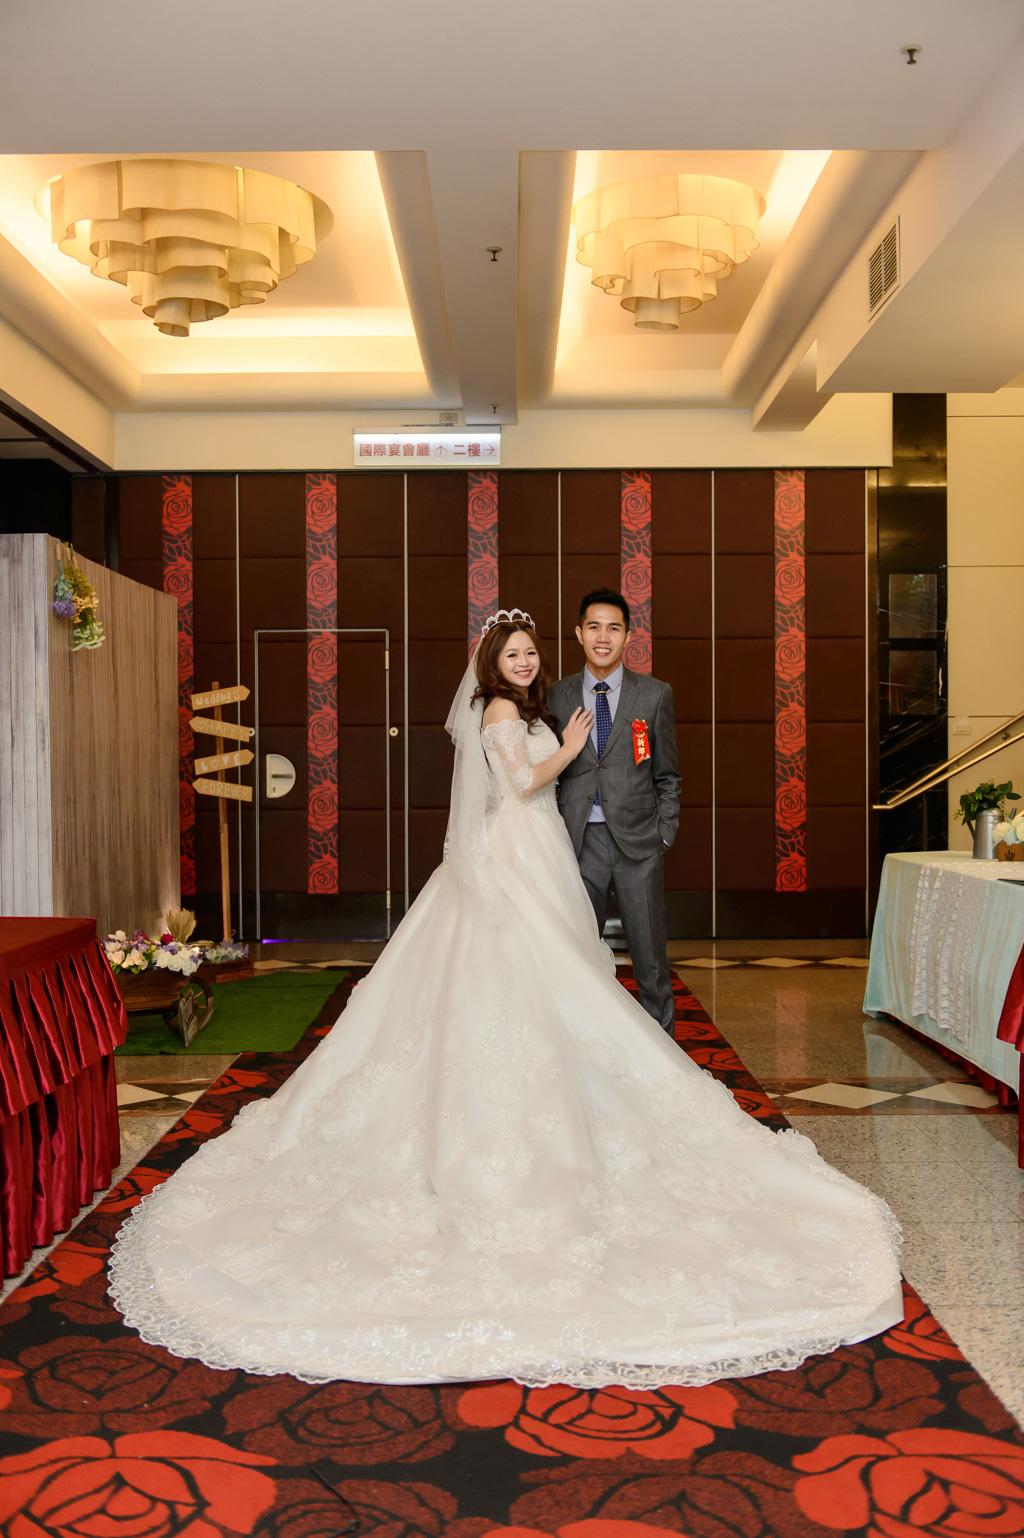 婚攝小勇,小寶團隊, 華麗雅緻, 華麗雅緻婚宴, 華麗雅緻婚攝, 新竹婚攝, Raeka, wedding day-073